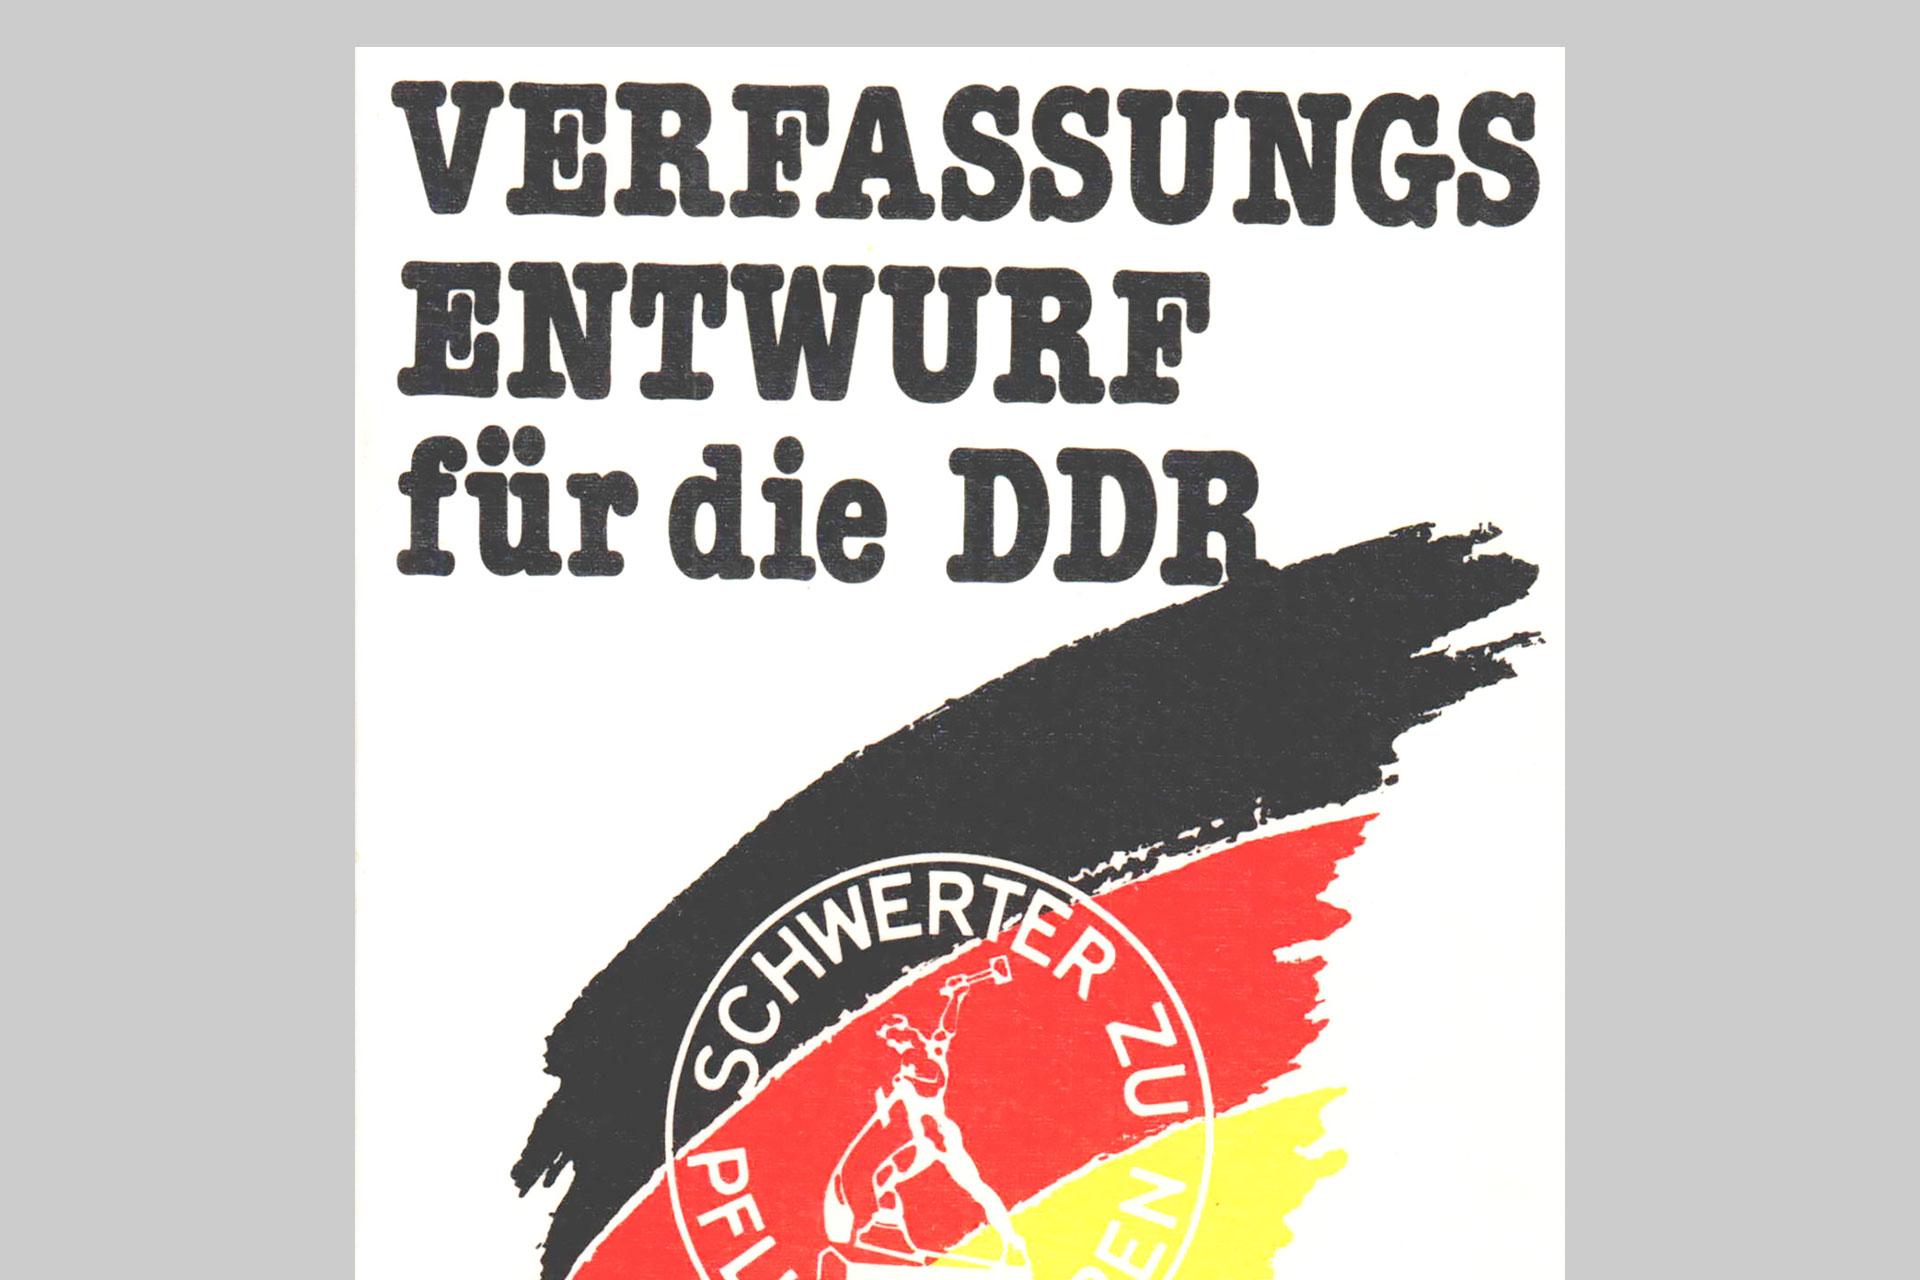 Verfassungsentwurf für die DDR